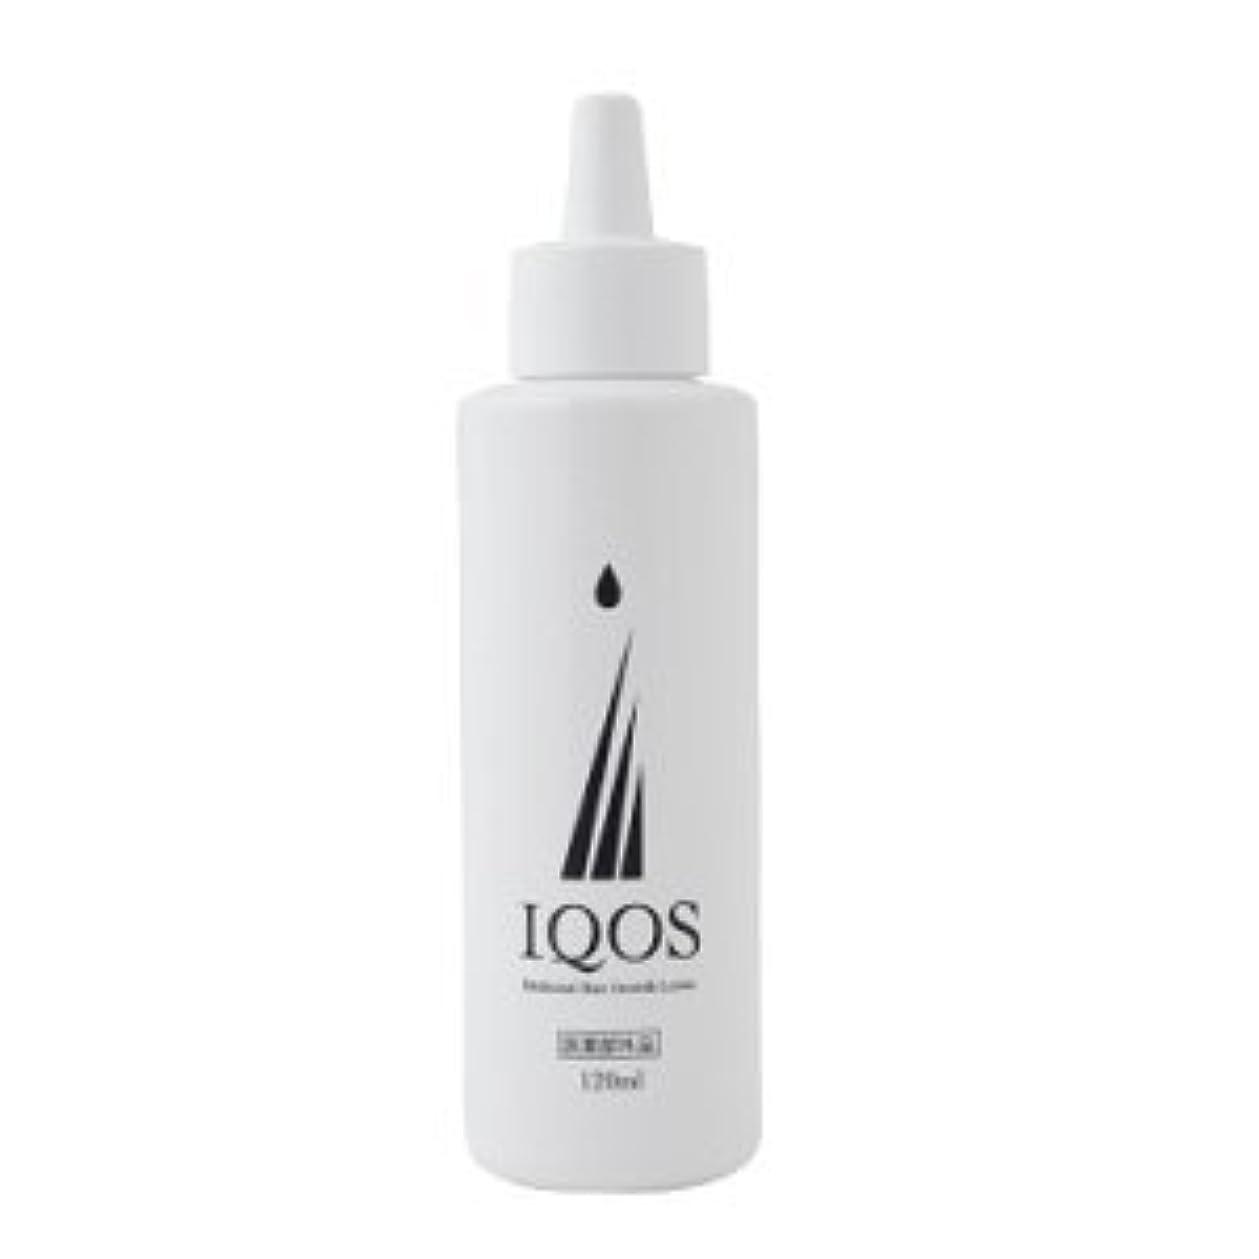 人に関する限りつぼみゆりM-034を最大級配合 薬用育毛剤 IQOS イクオス 120ml